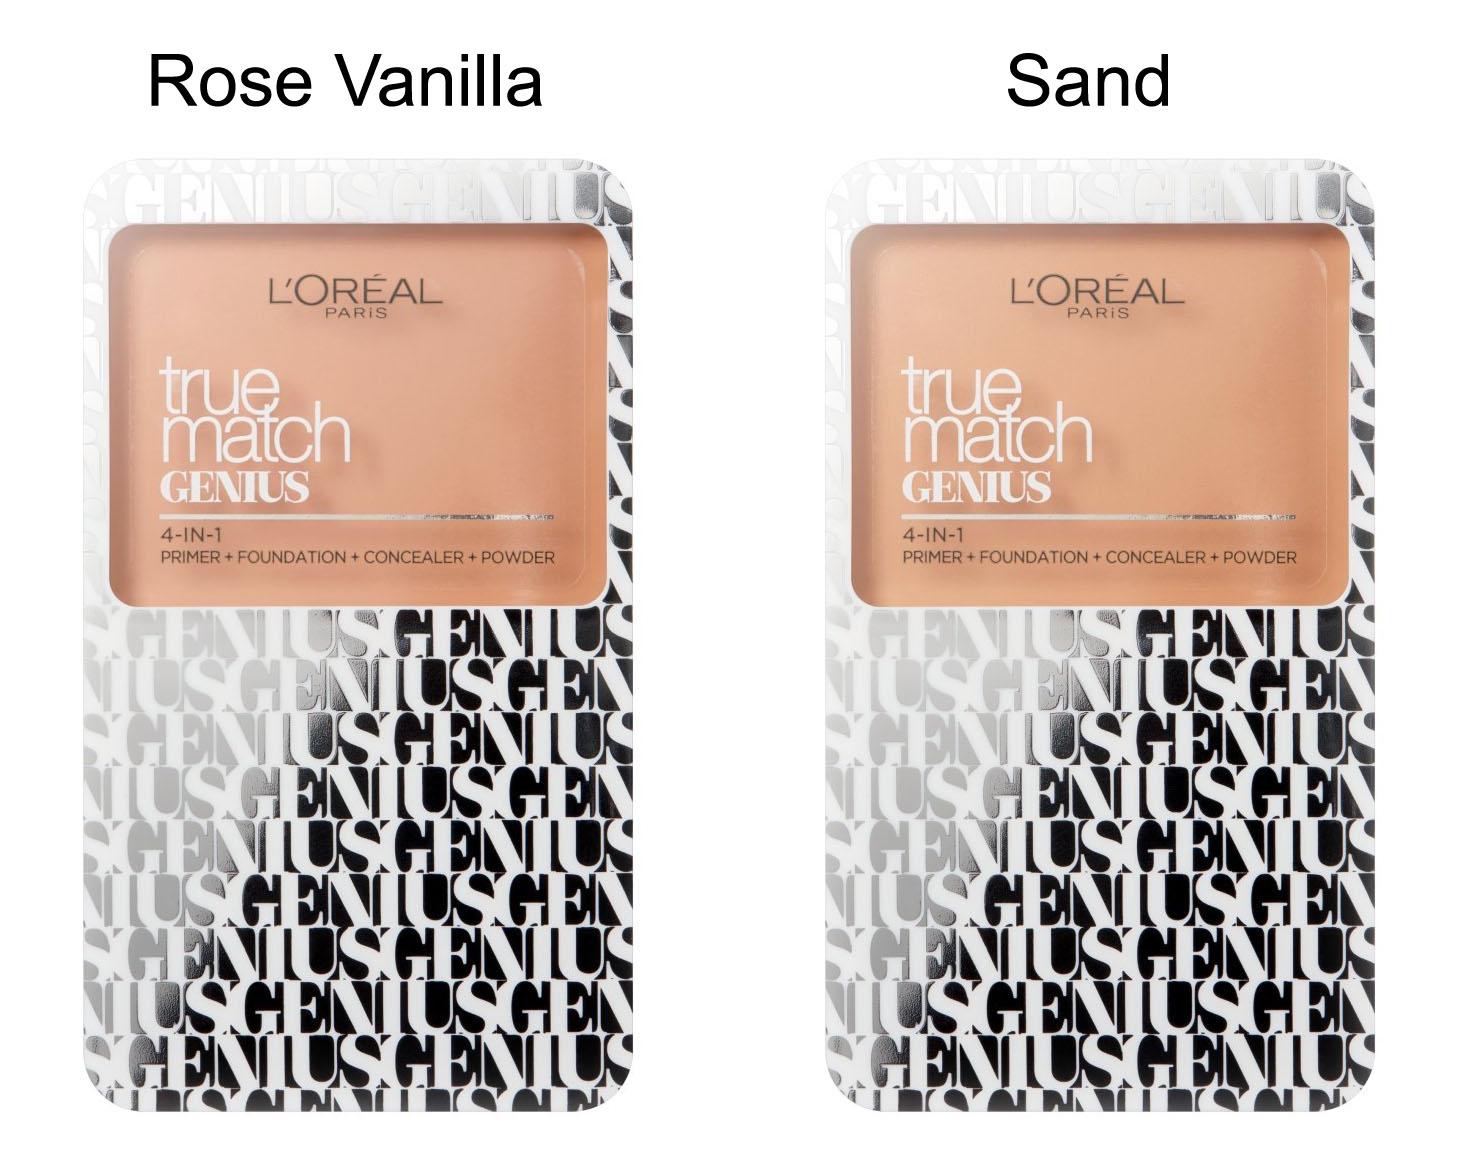 L Oreal True Match Genius 4-in-1 Cream to Powder Foundation-Rose Vanilla